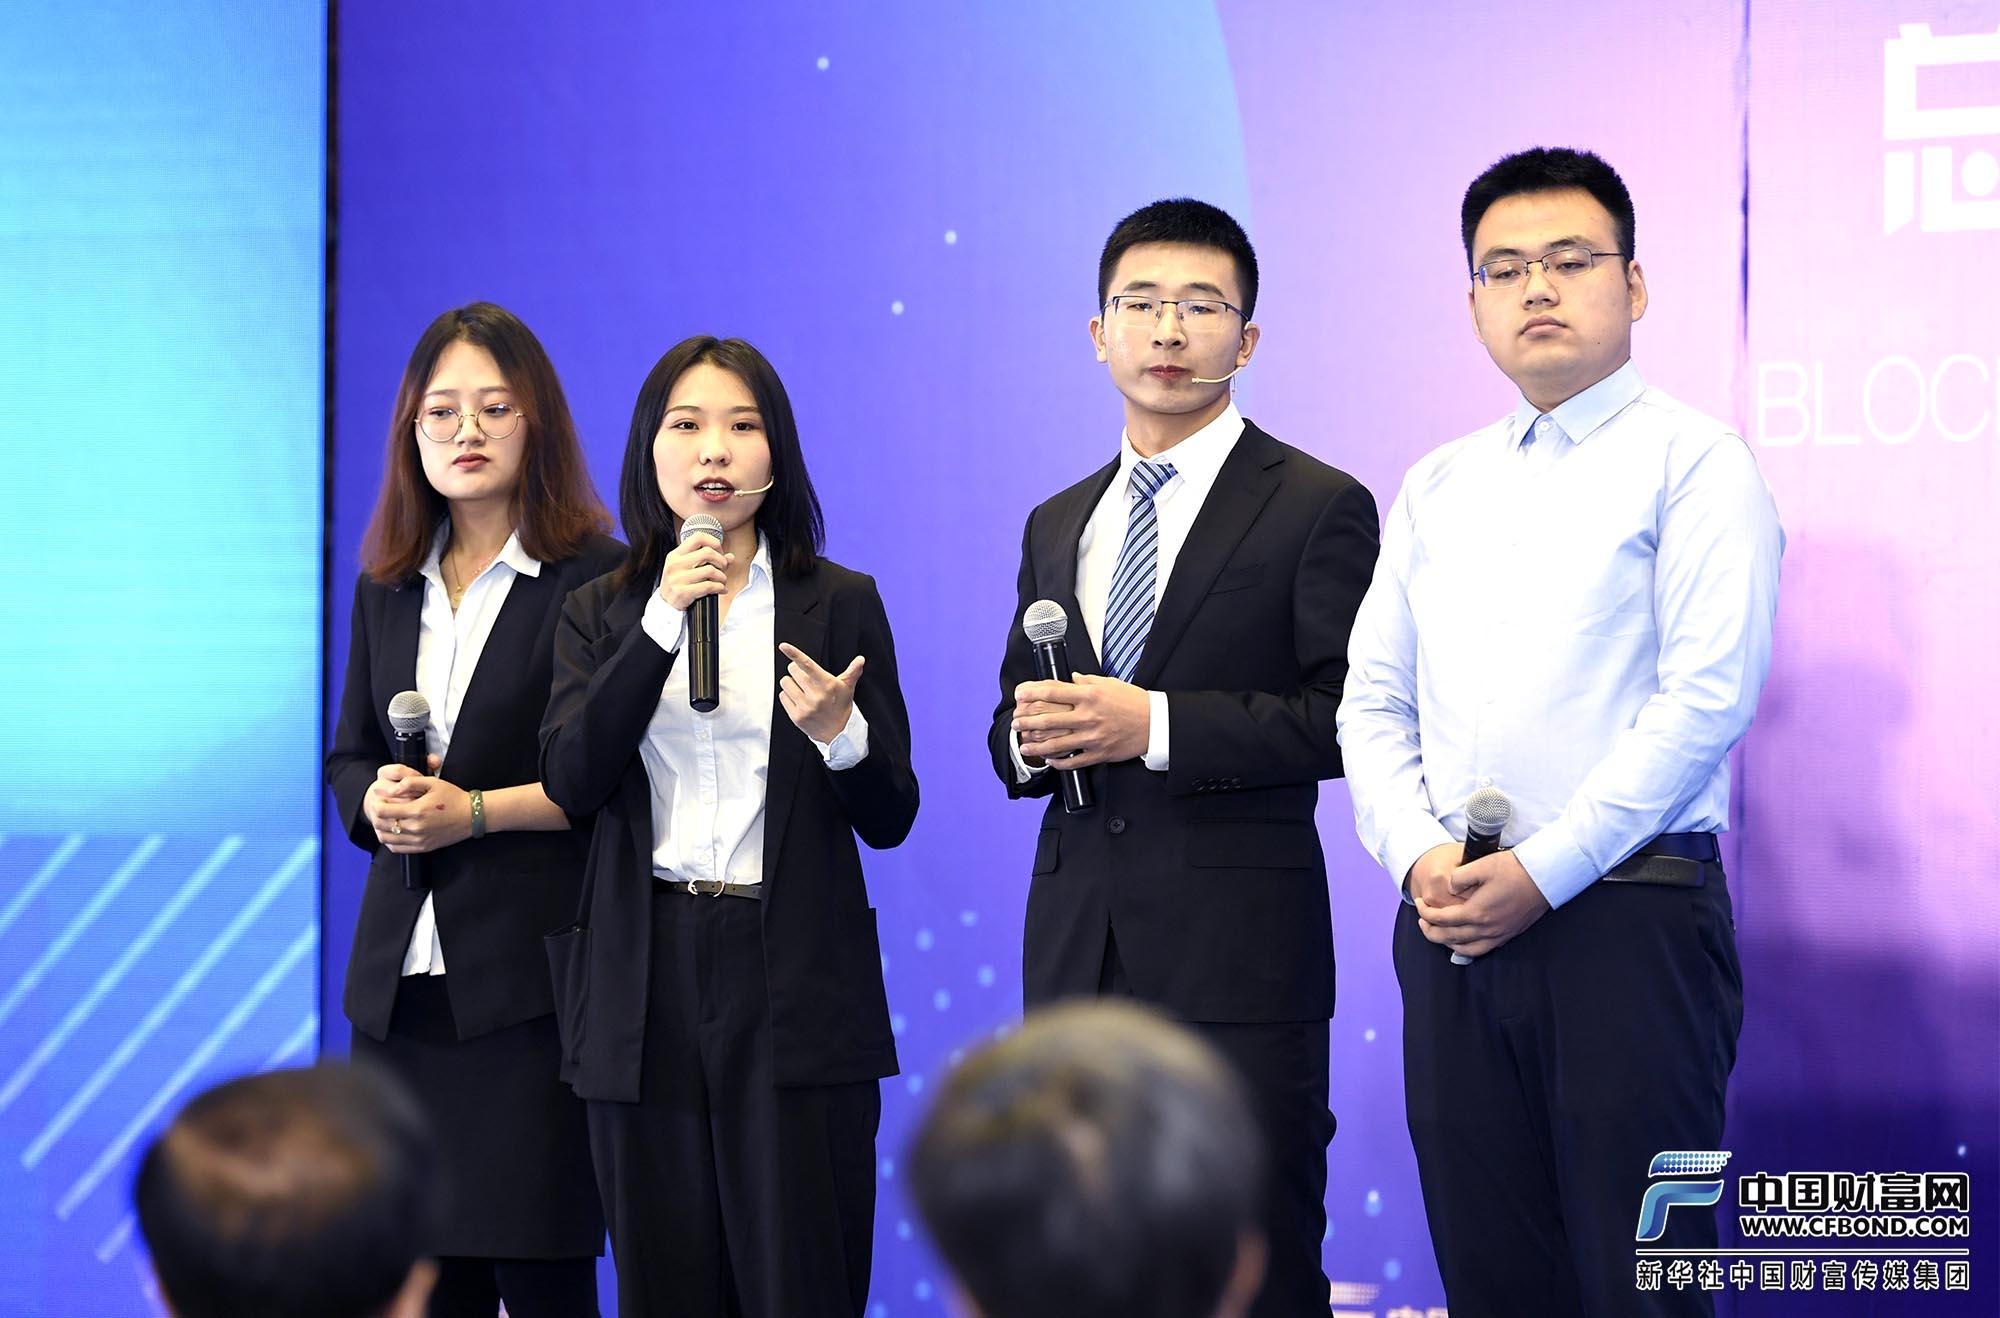 第二组善行宝-公益项目履约保证保险团队成员回答评委提问